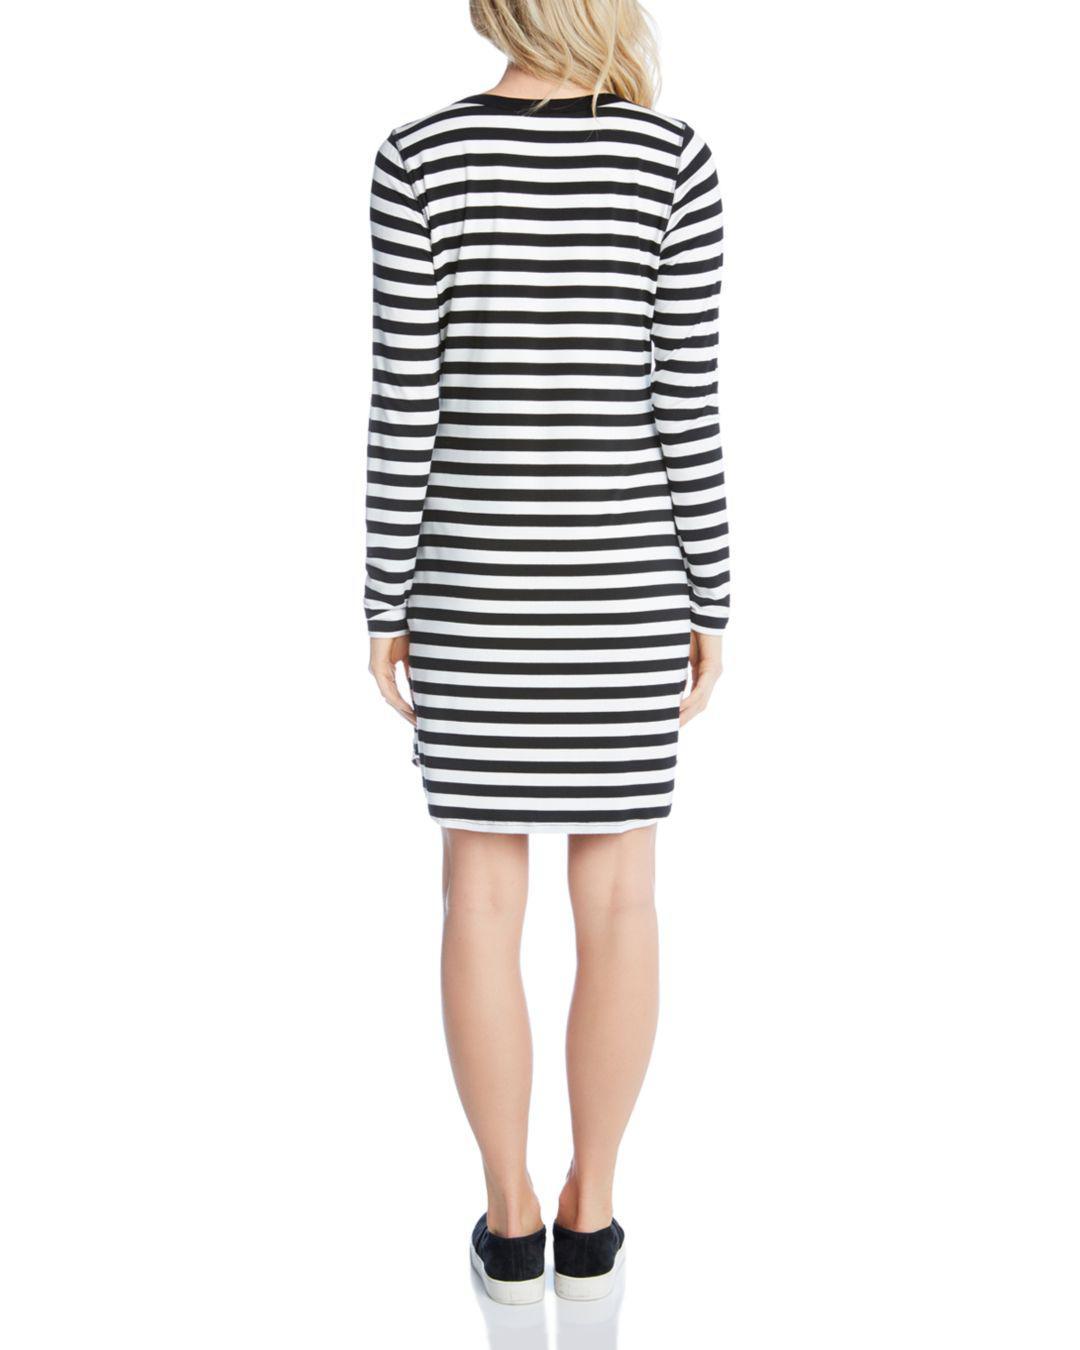 d62ace30964 Karen Kane - Black Striped T-shirt Dress - Lyst. View fullscreen